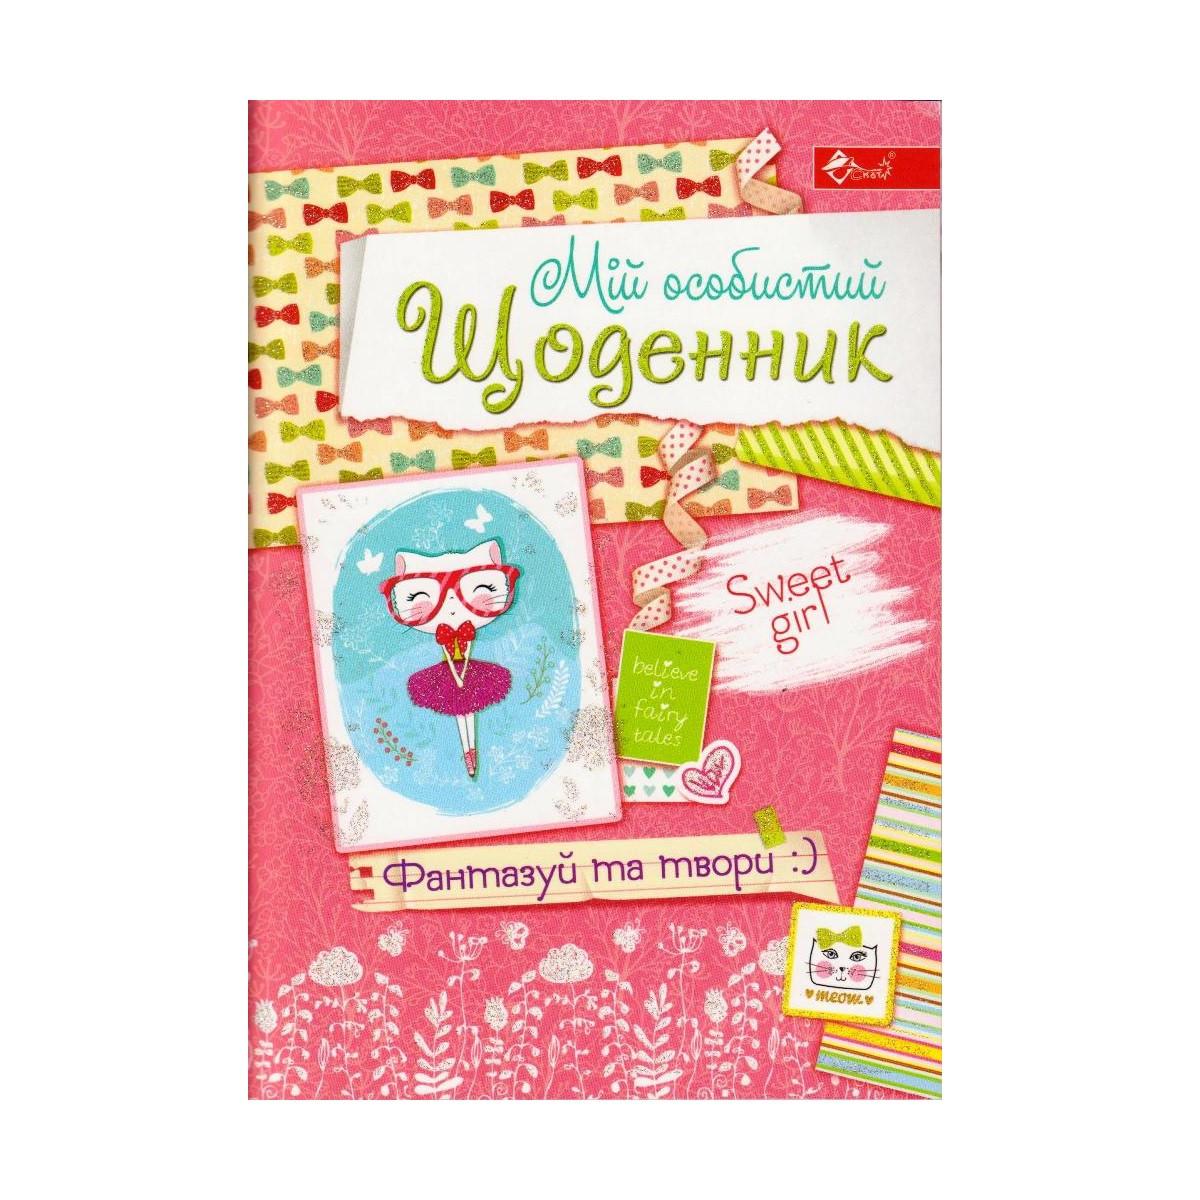 """Дневник для девочек """"Мій особистий Щоденник"""" Sweet girl"""